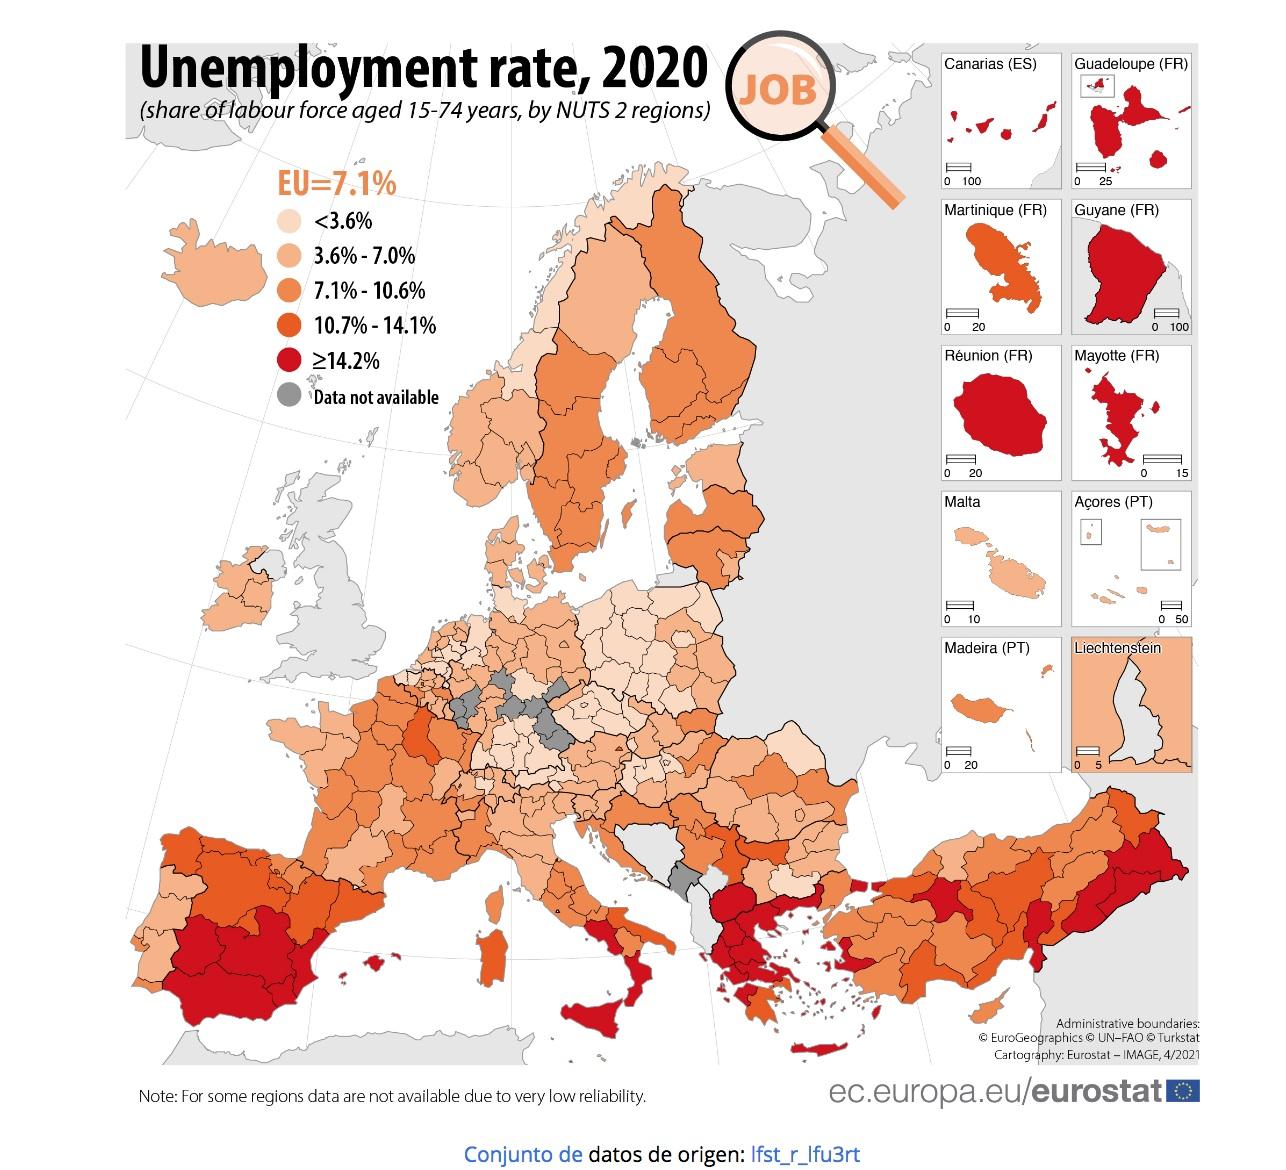 mapa-desempleo-2020.jpg